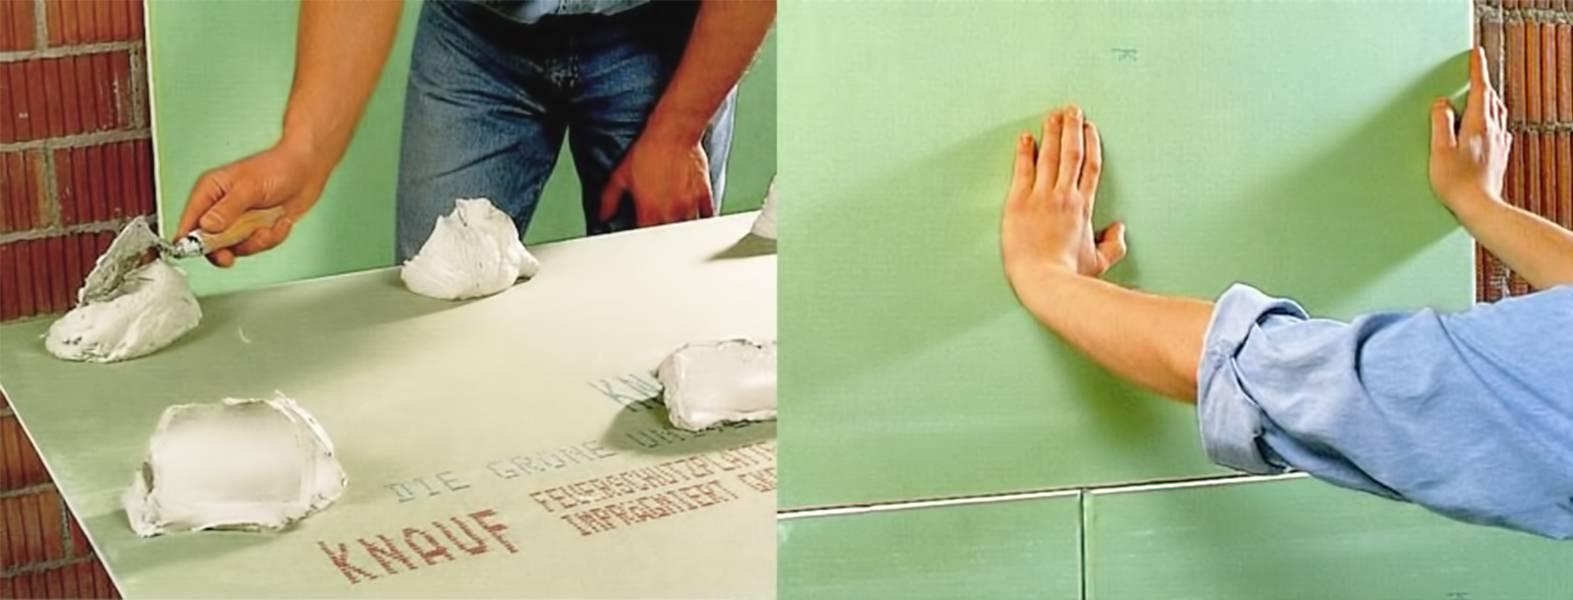 Пена-клей для гипсокартона: монтажной к стене, пеноплекс можно, видео, своими руками на поверхность откоса